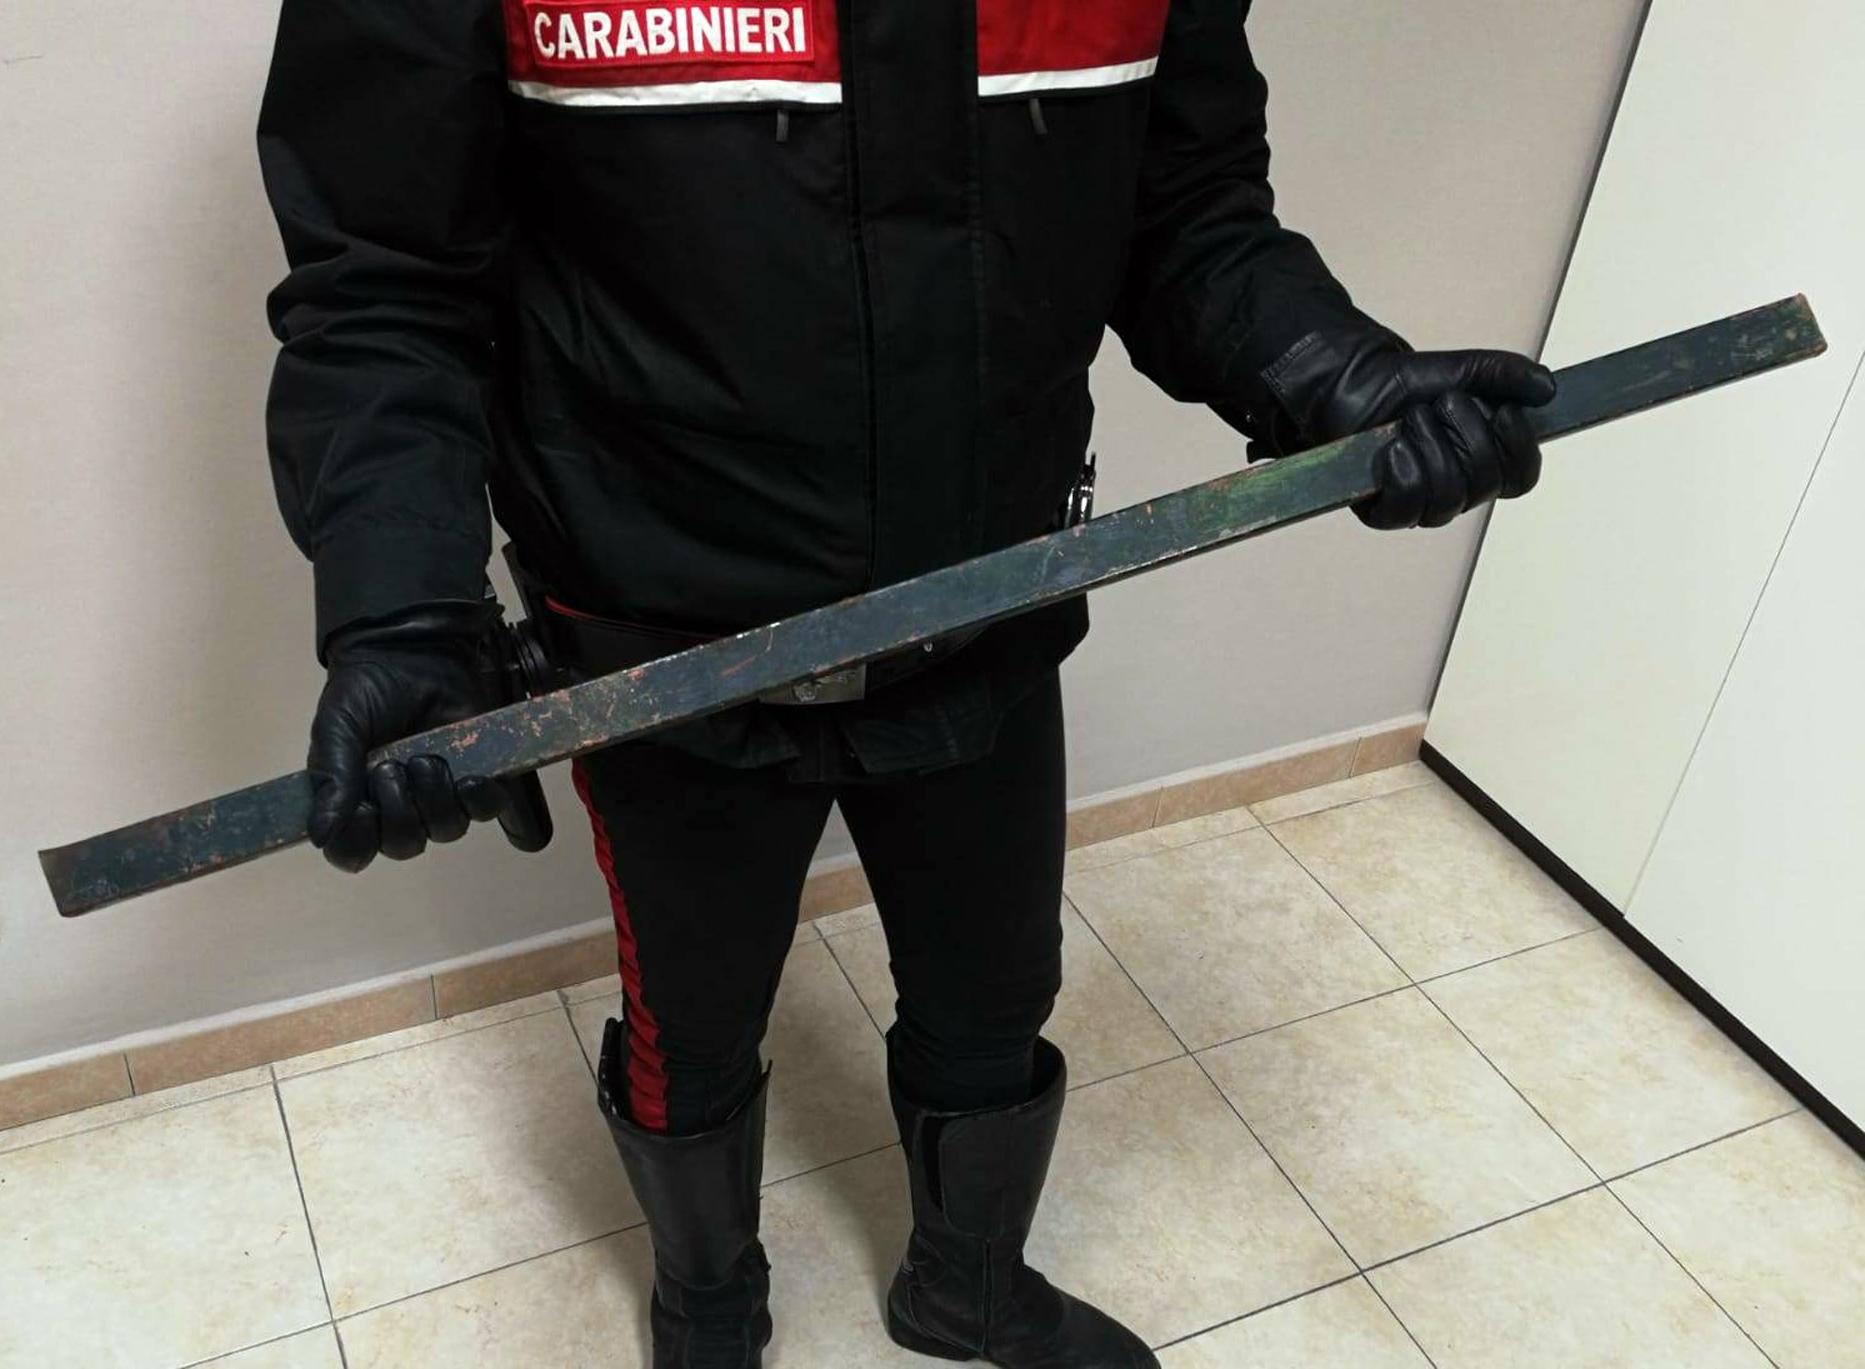 Padre e figlio tentano furto in una abitazione di Striano: arrestati dai carabinieri